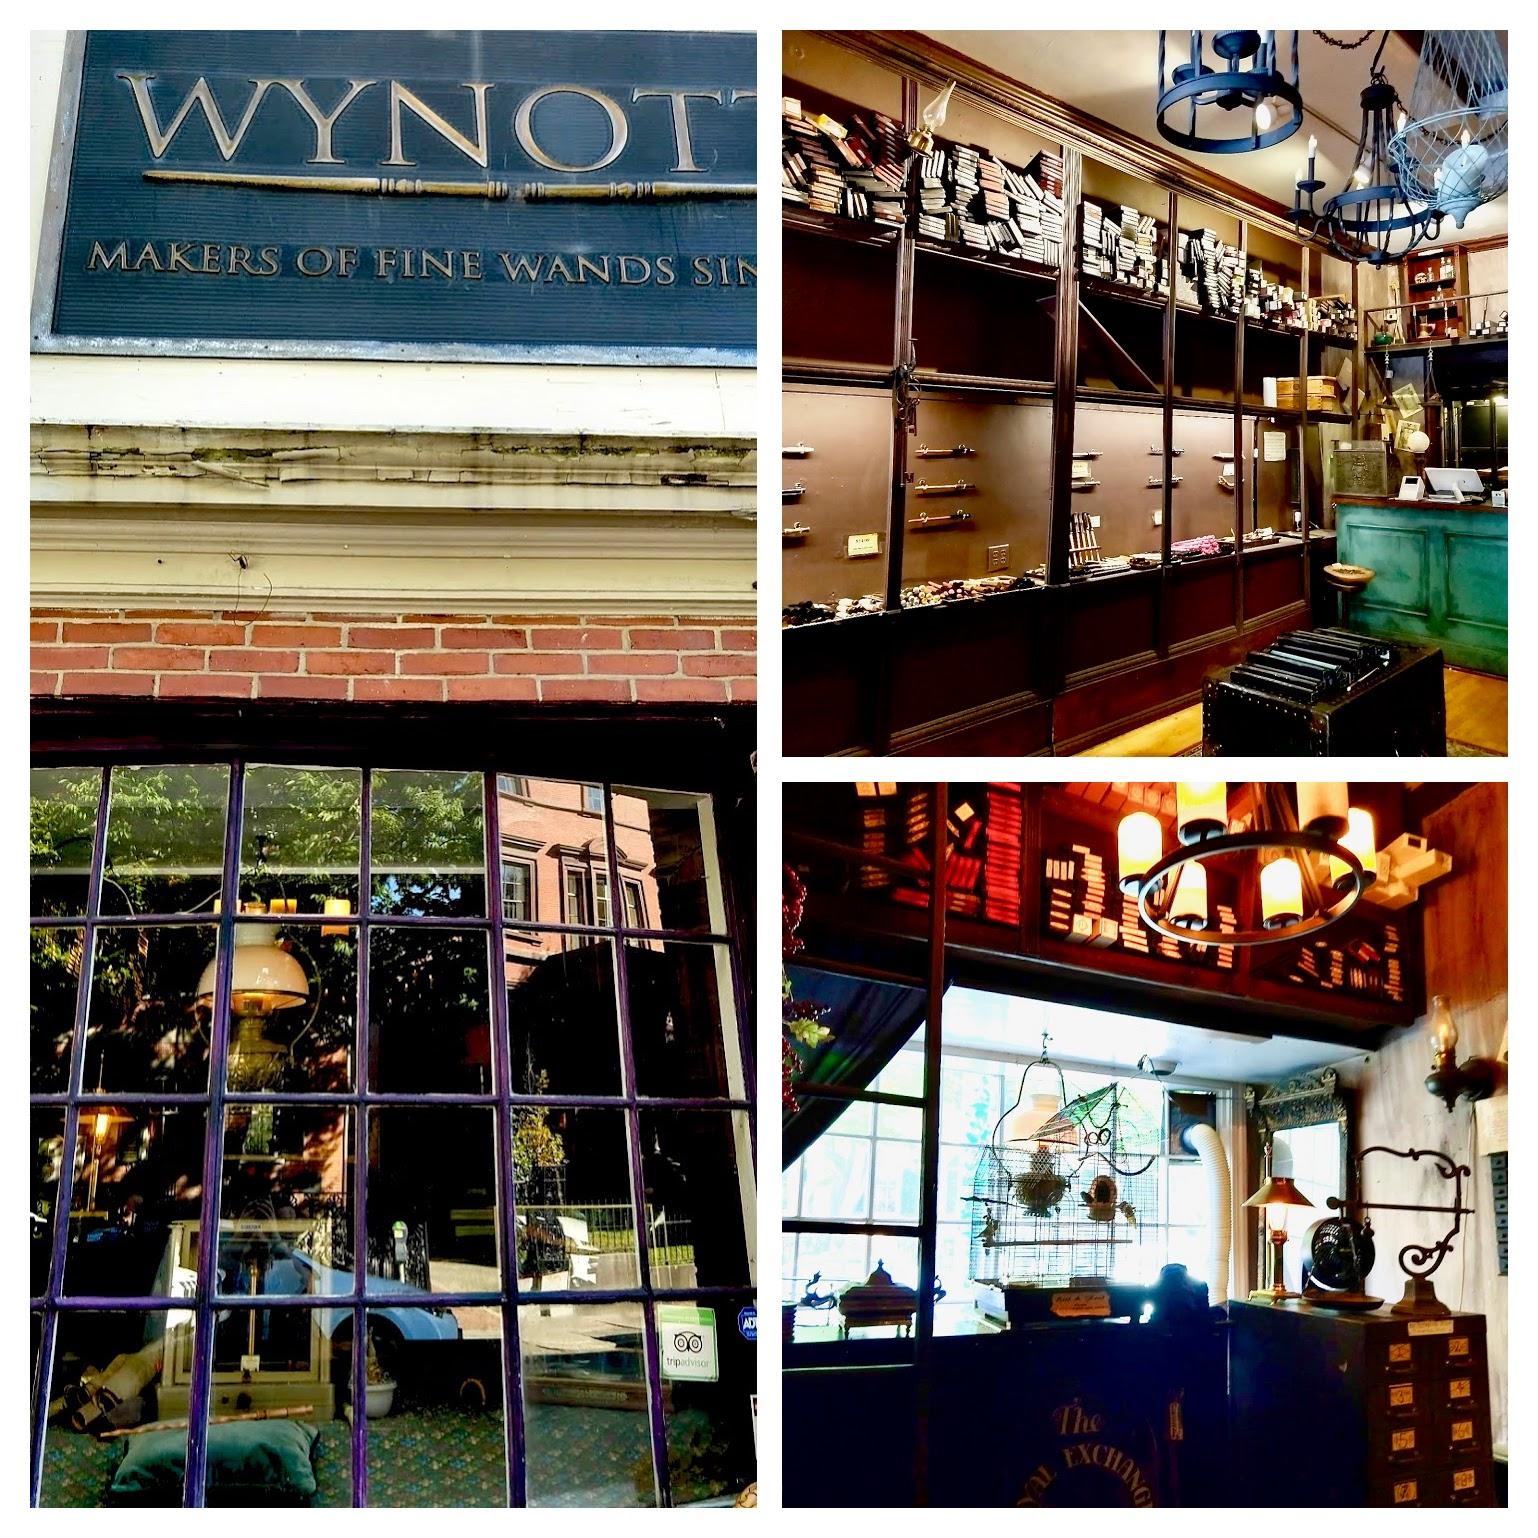 Wynotts in Salem, winkel voor toverstaffen